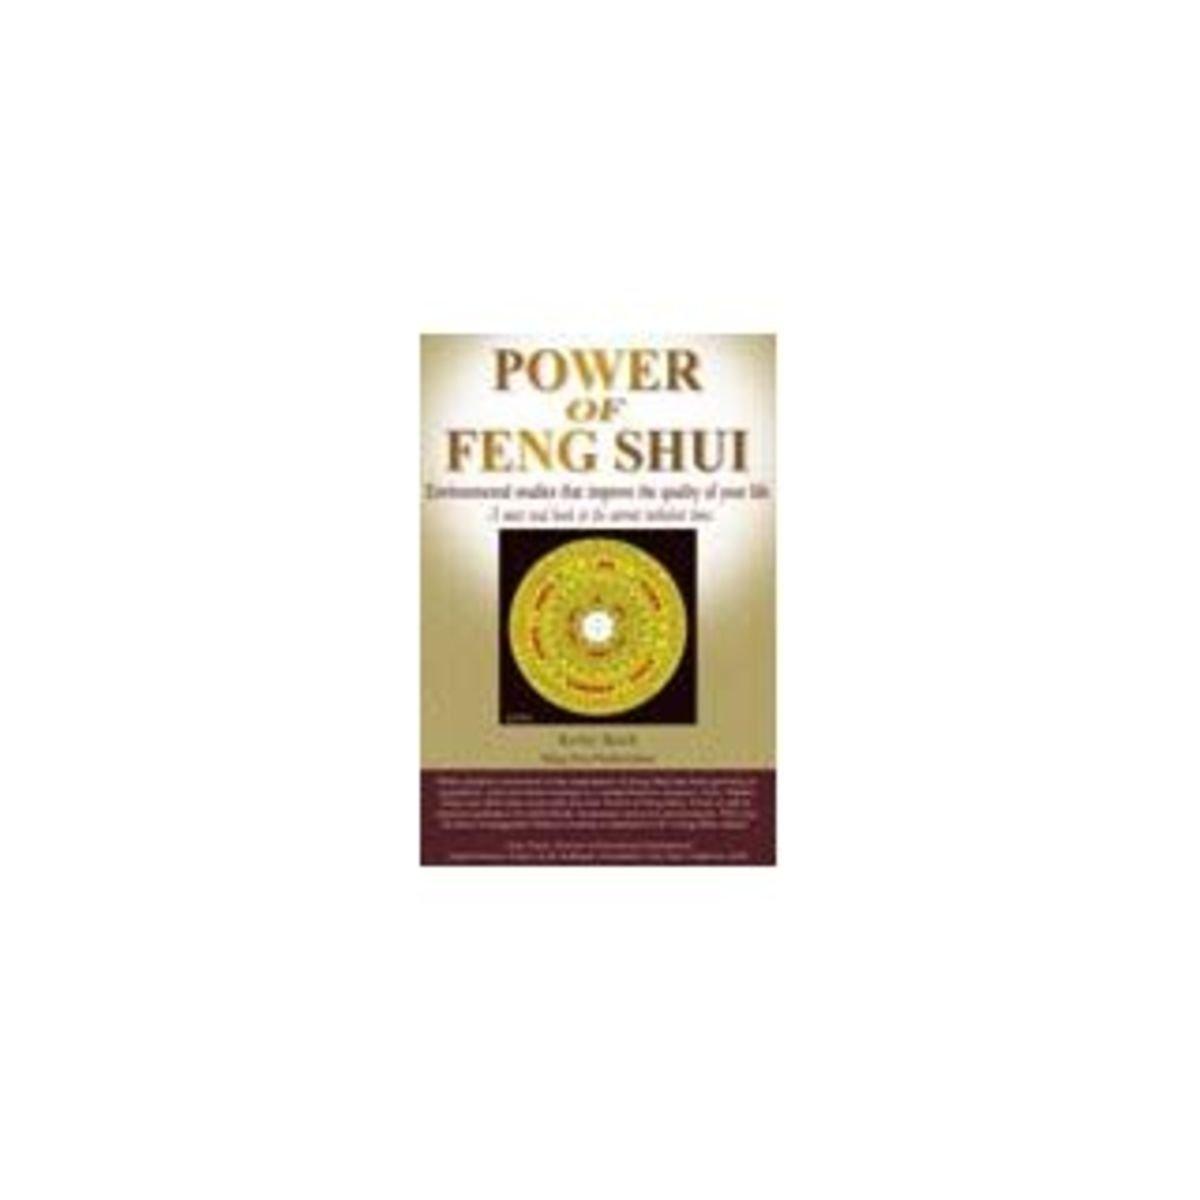 Power of Feng Shui